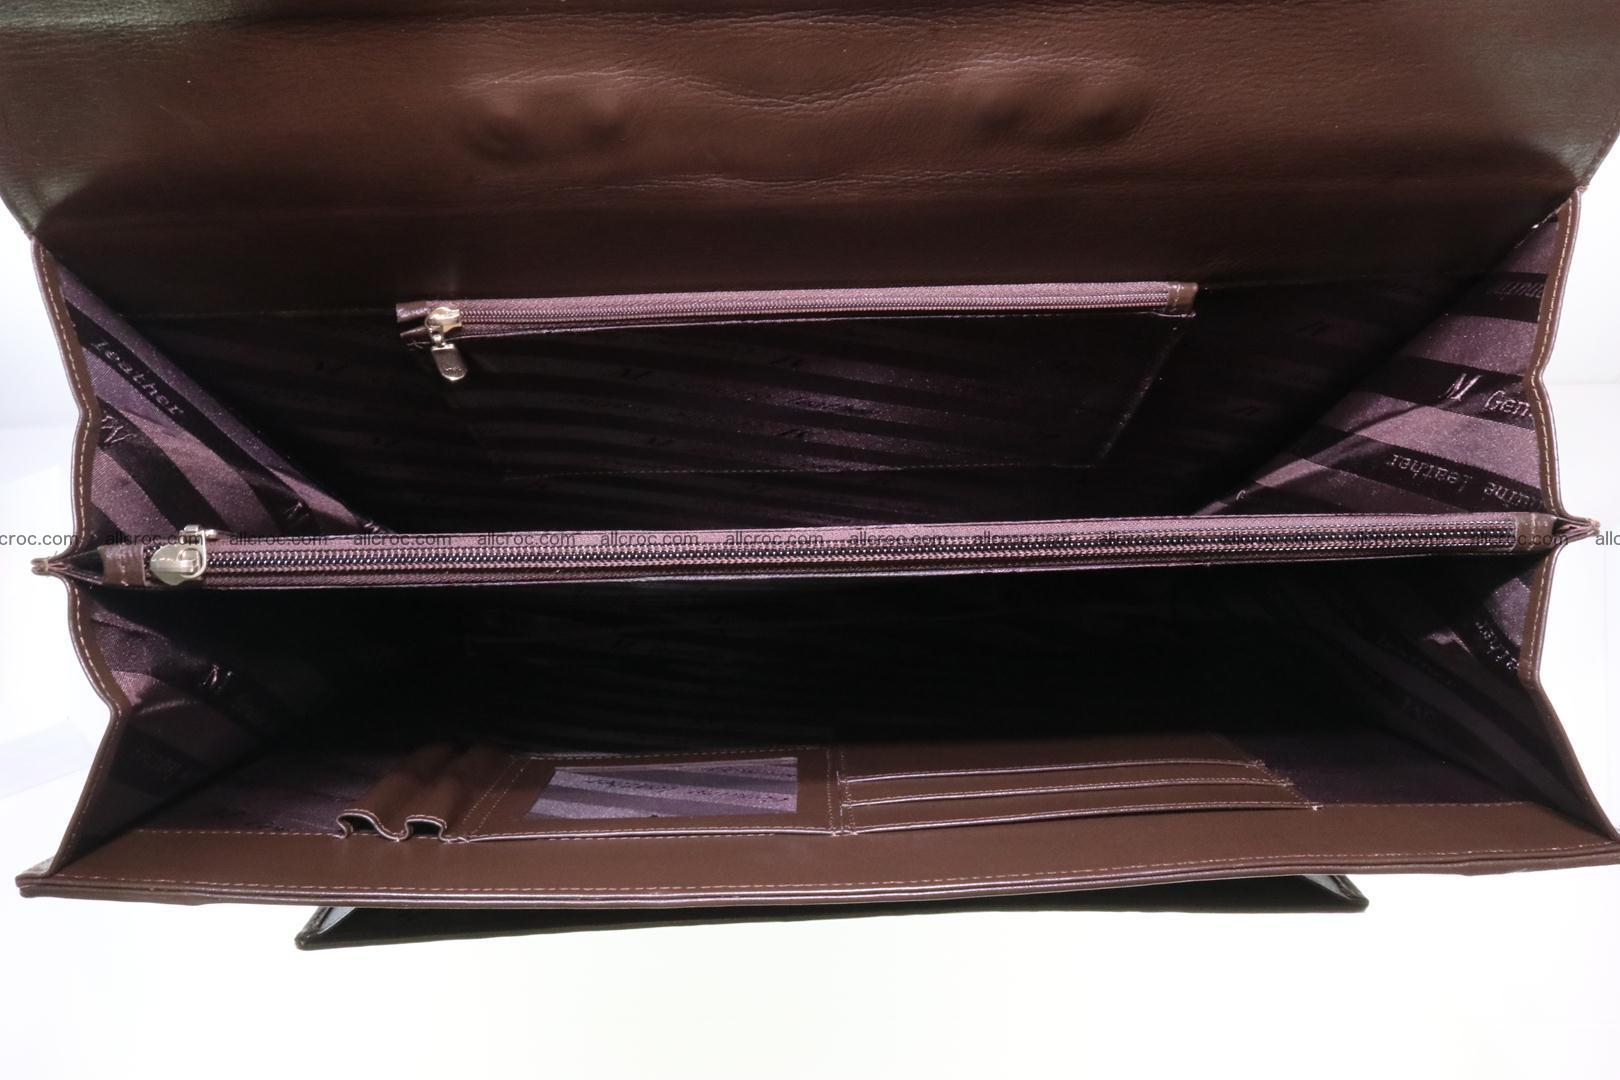 Crocodile skin briefcase 287 Foto 16